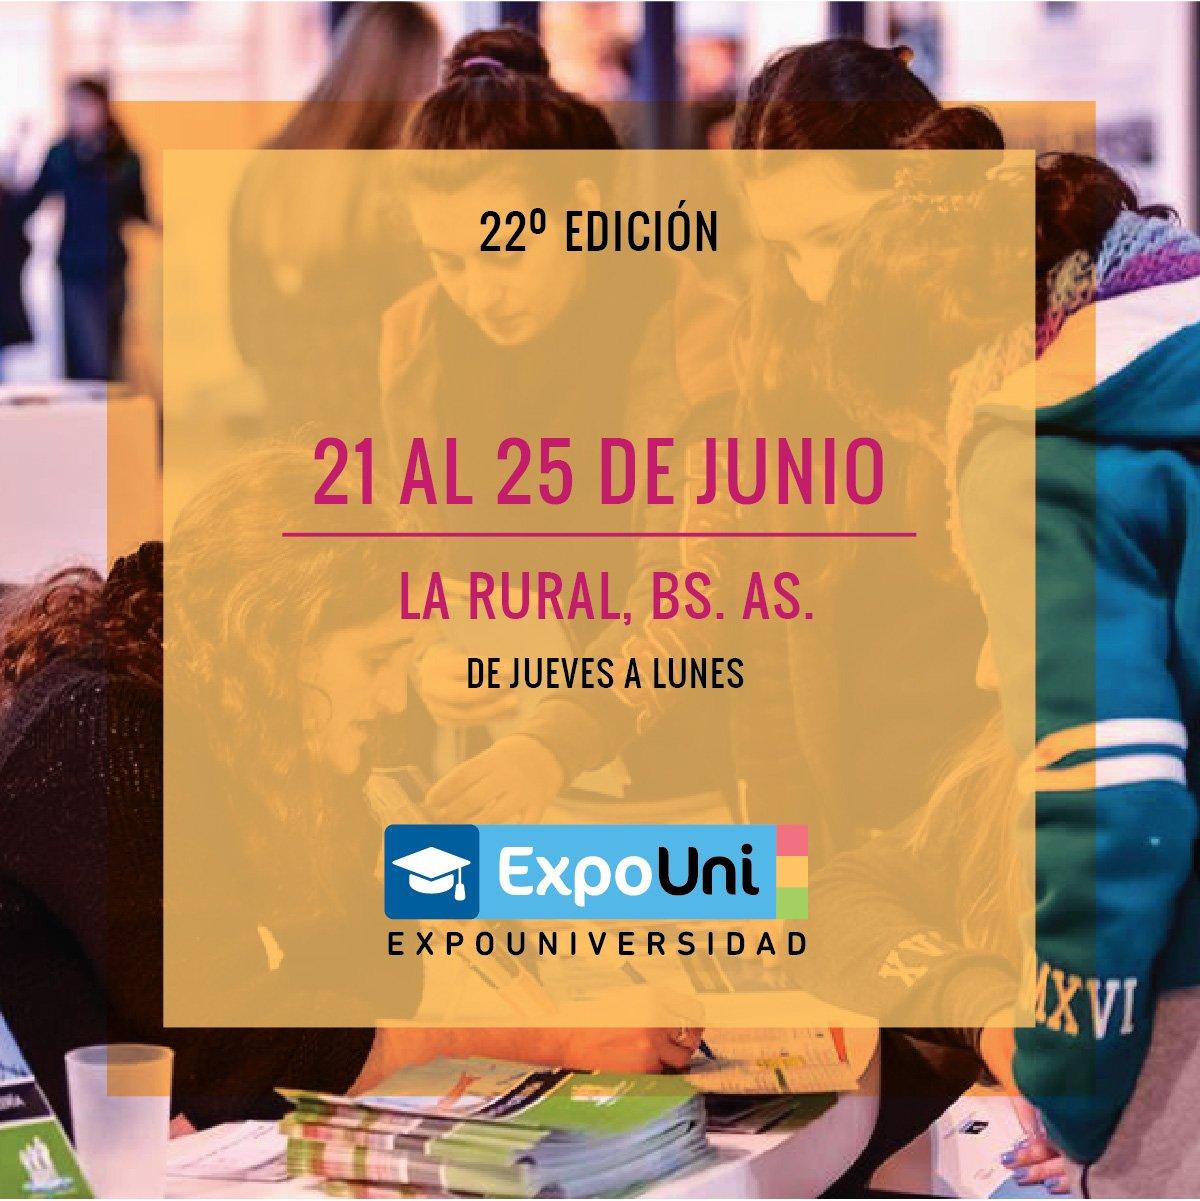 ExpoUniversidad 2018 en la Rural